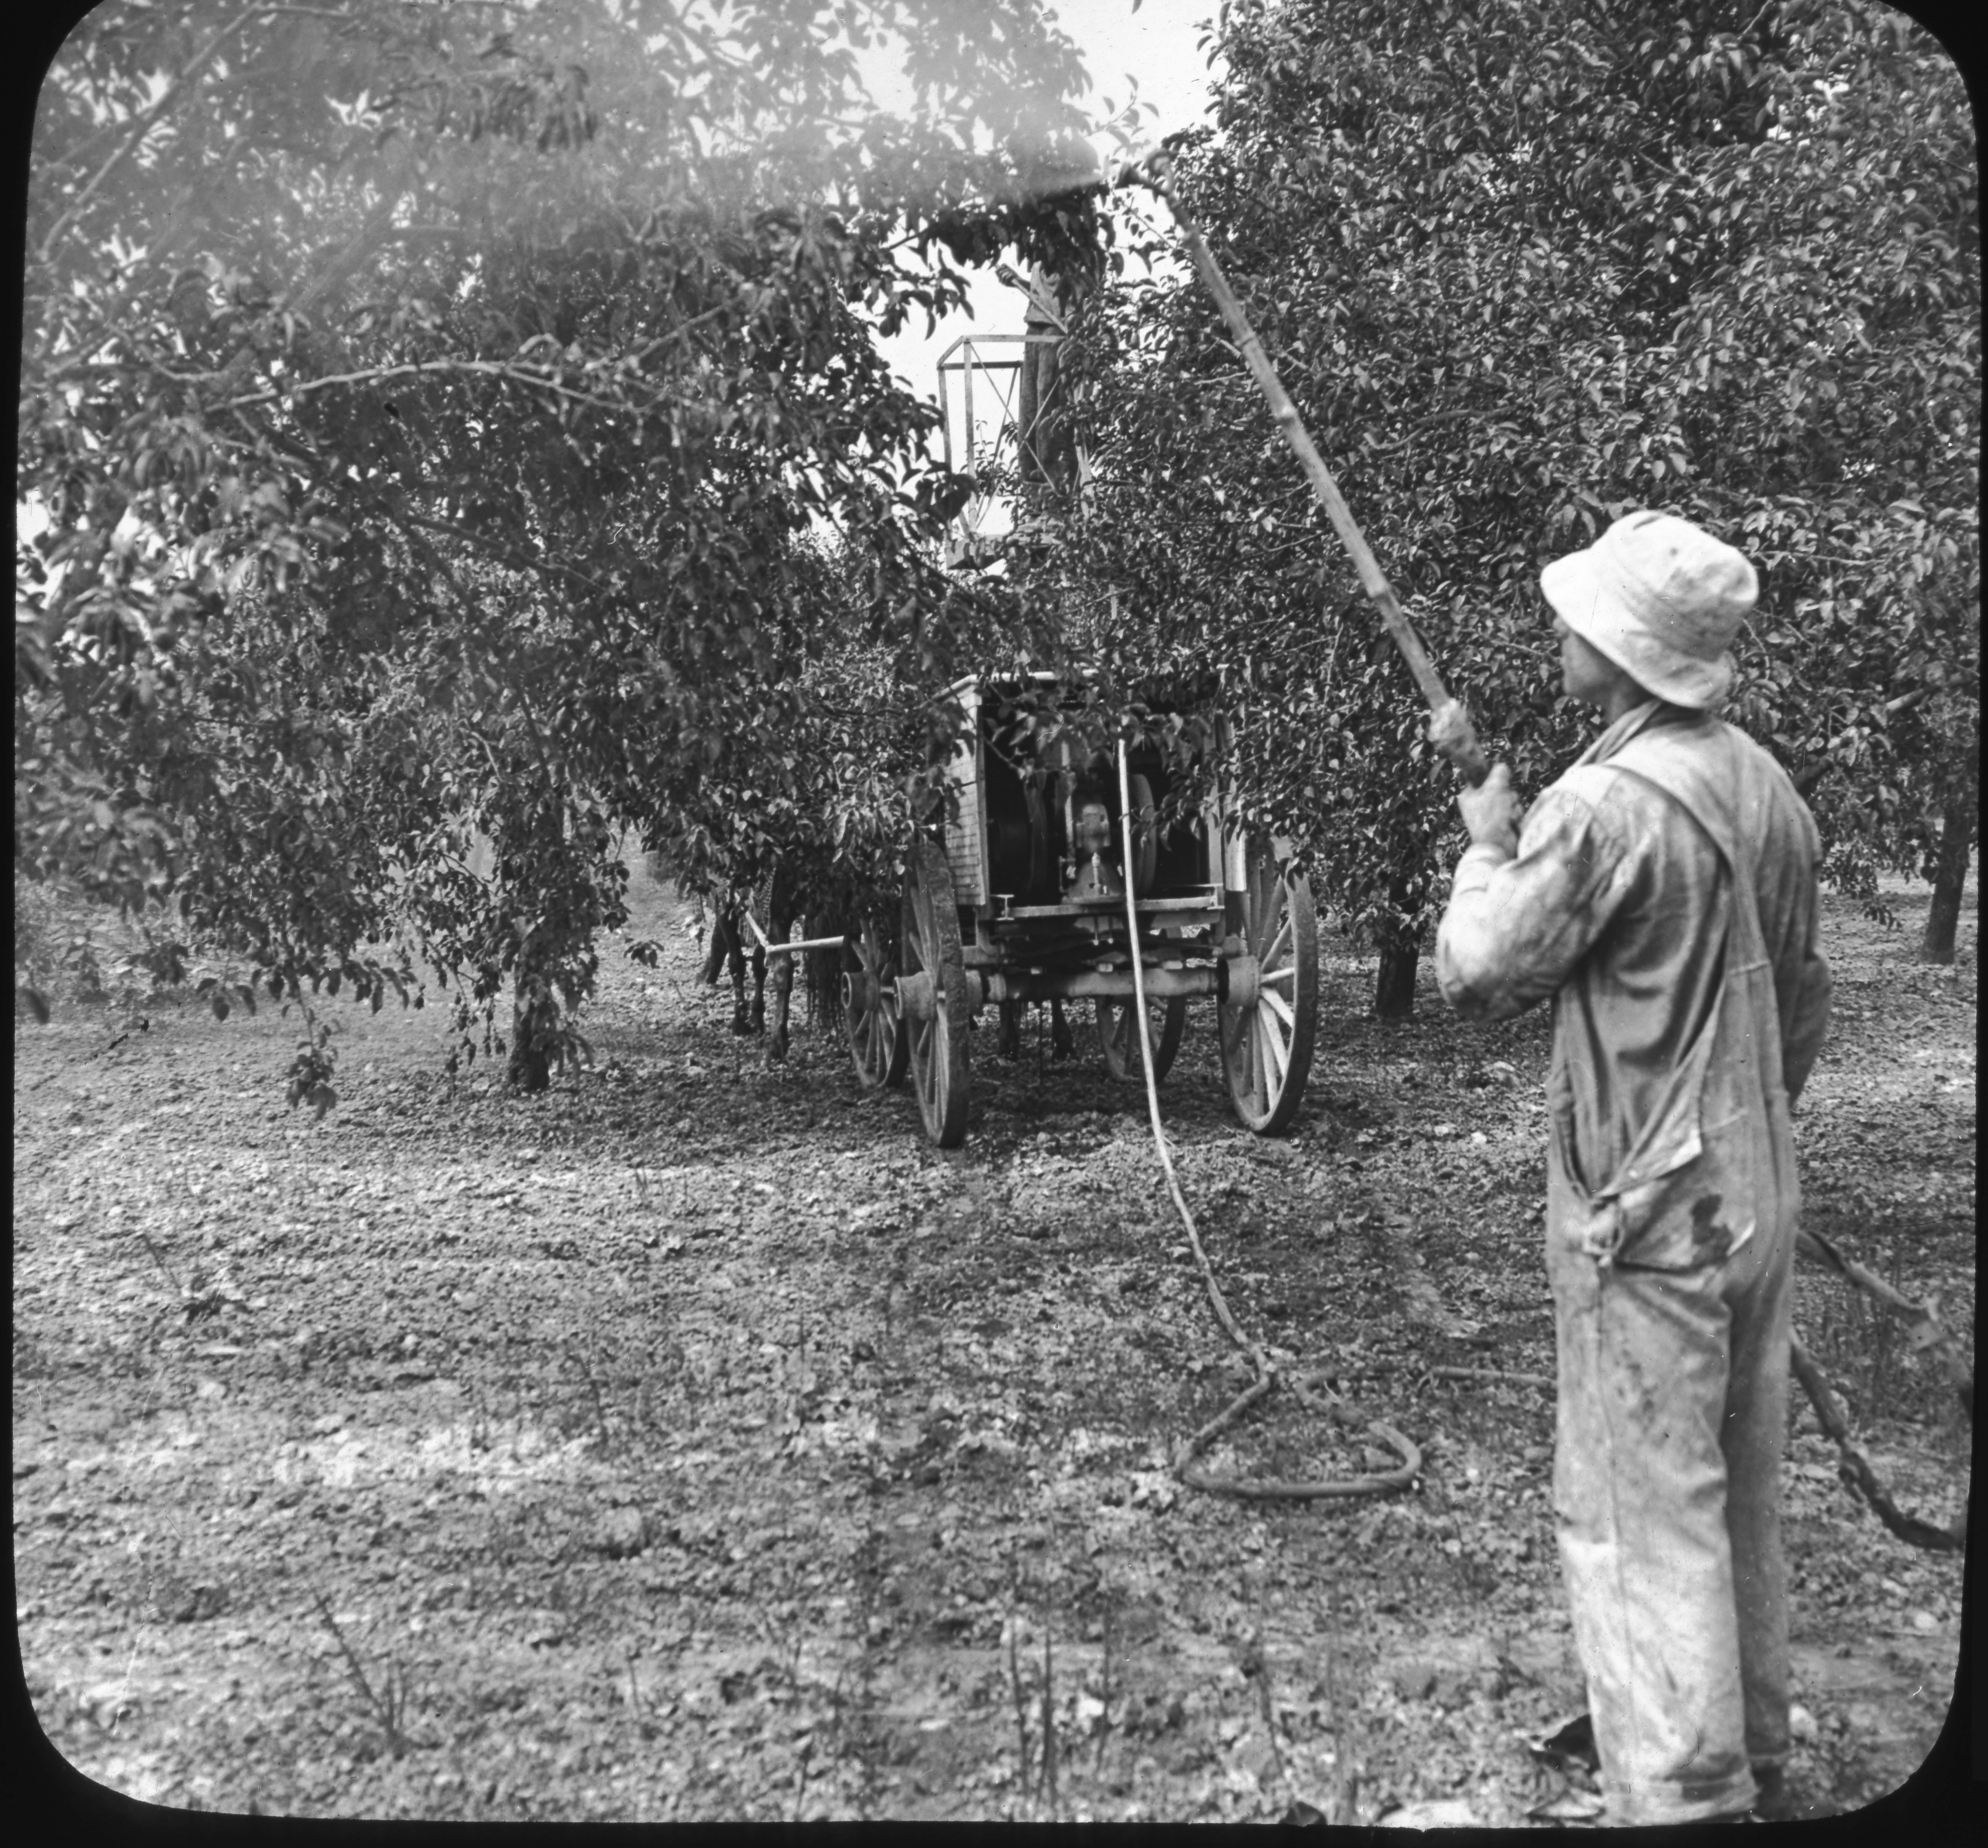 Summer Spraying of Apple Orchard, Hilton, N.Y.